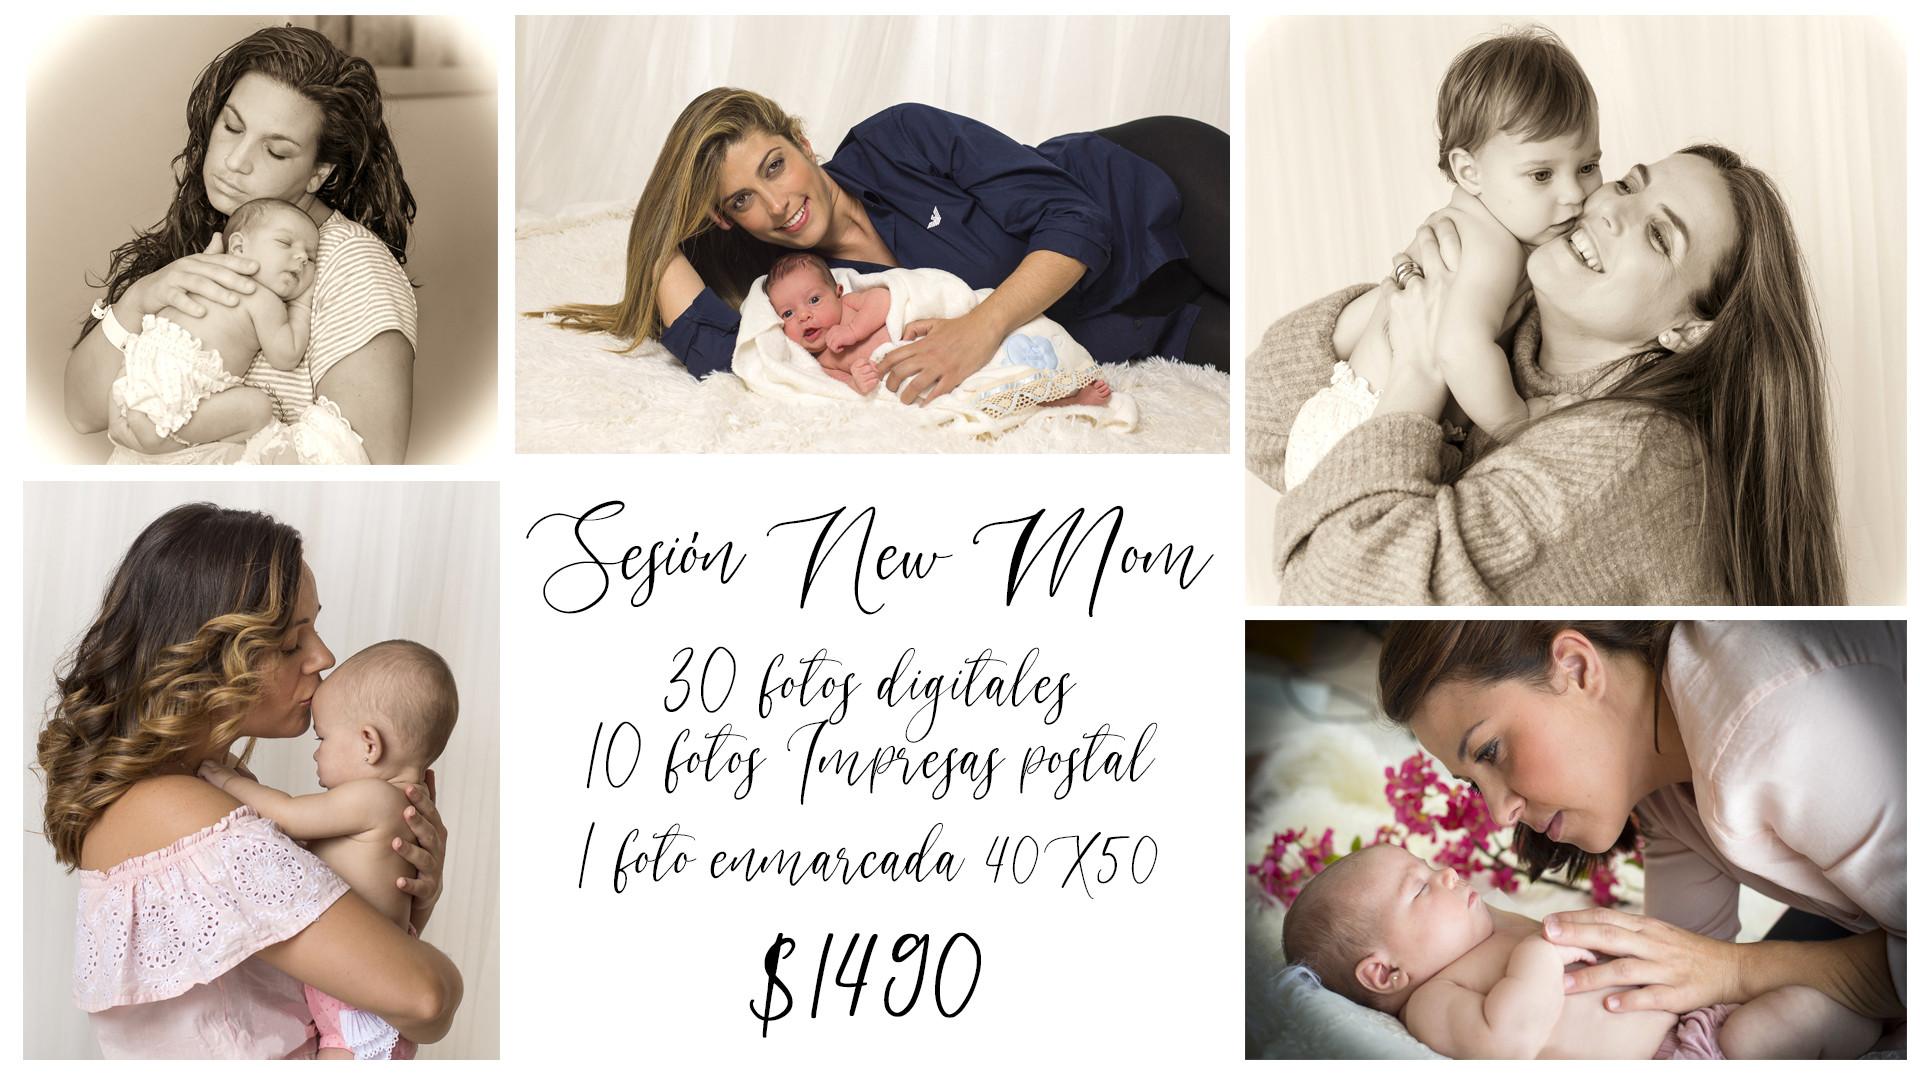 sesiones New Mom.jpg